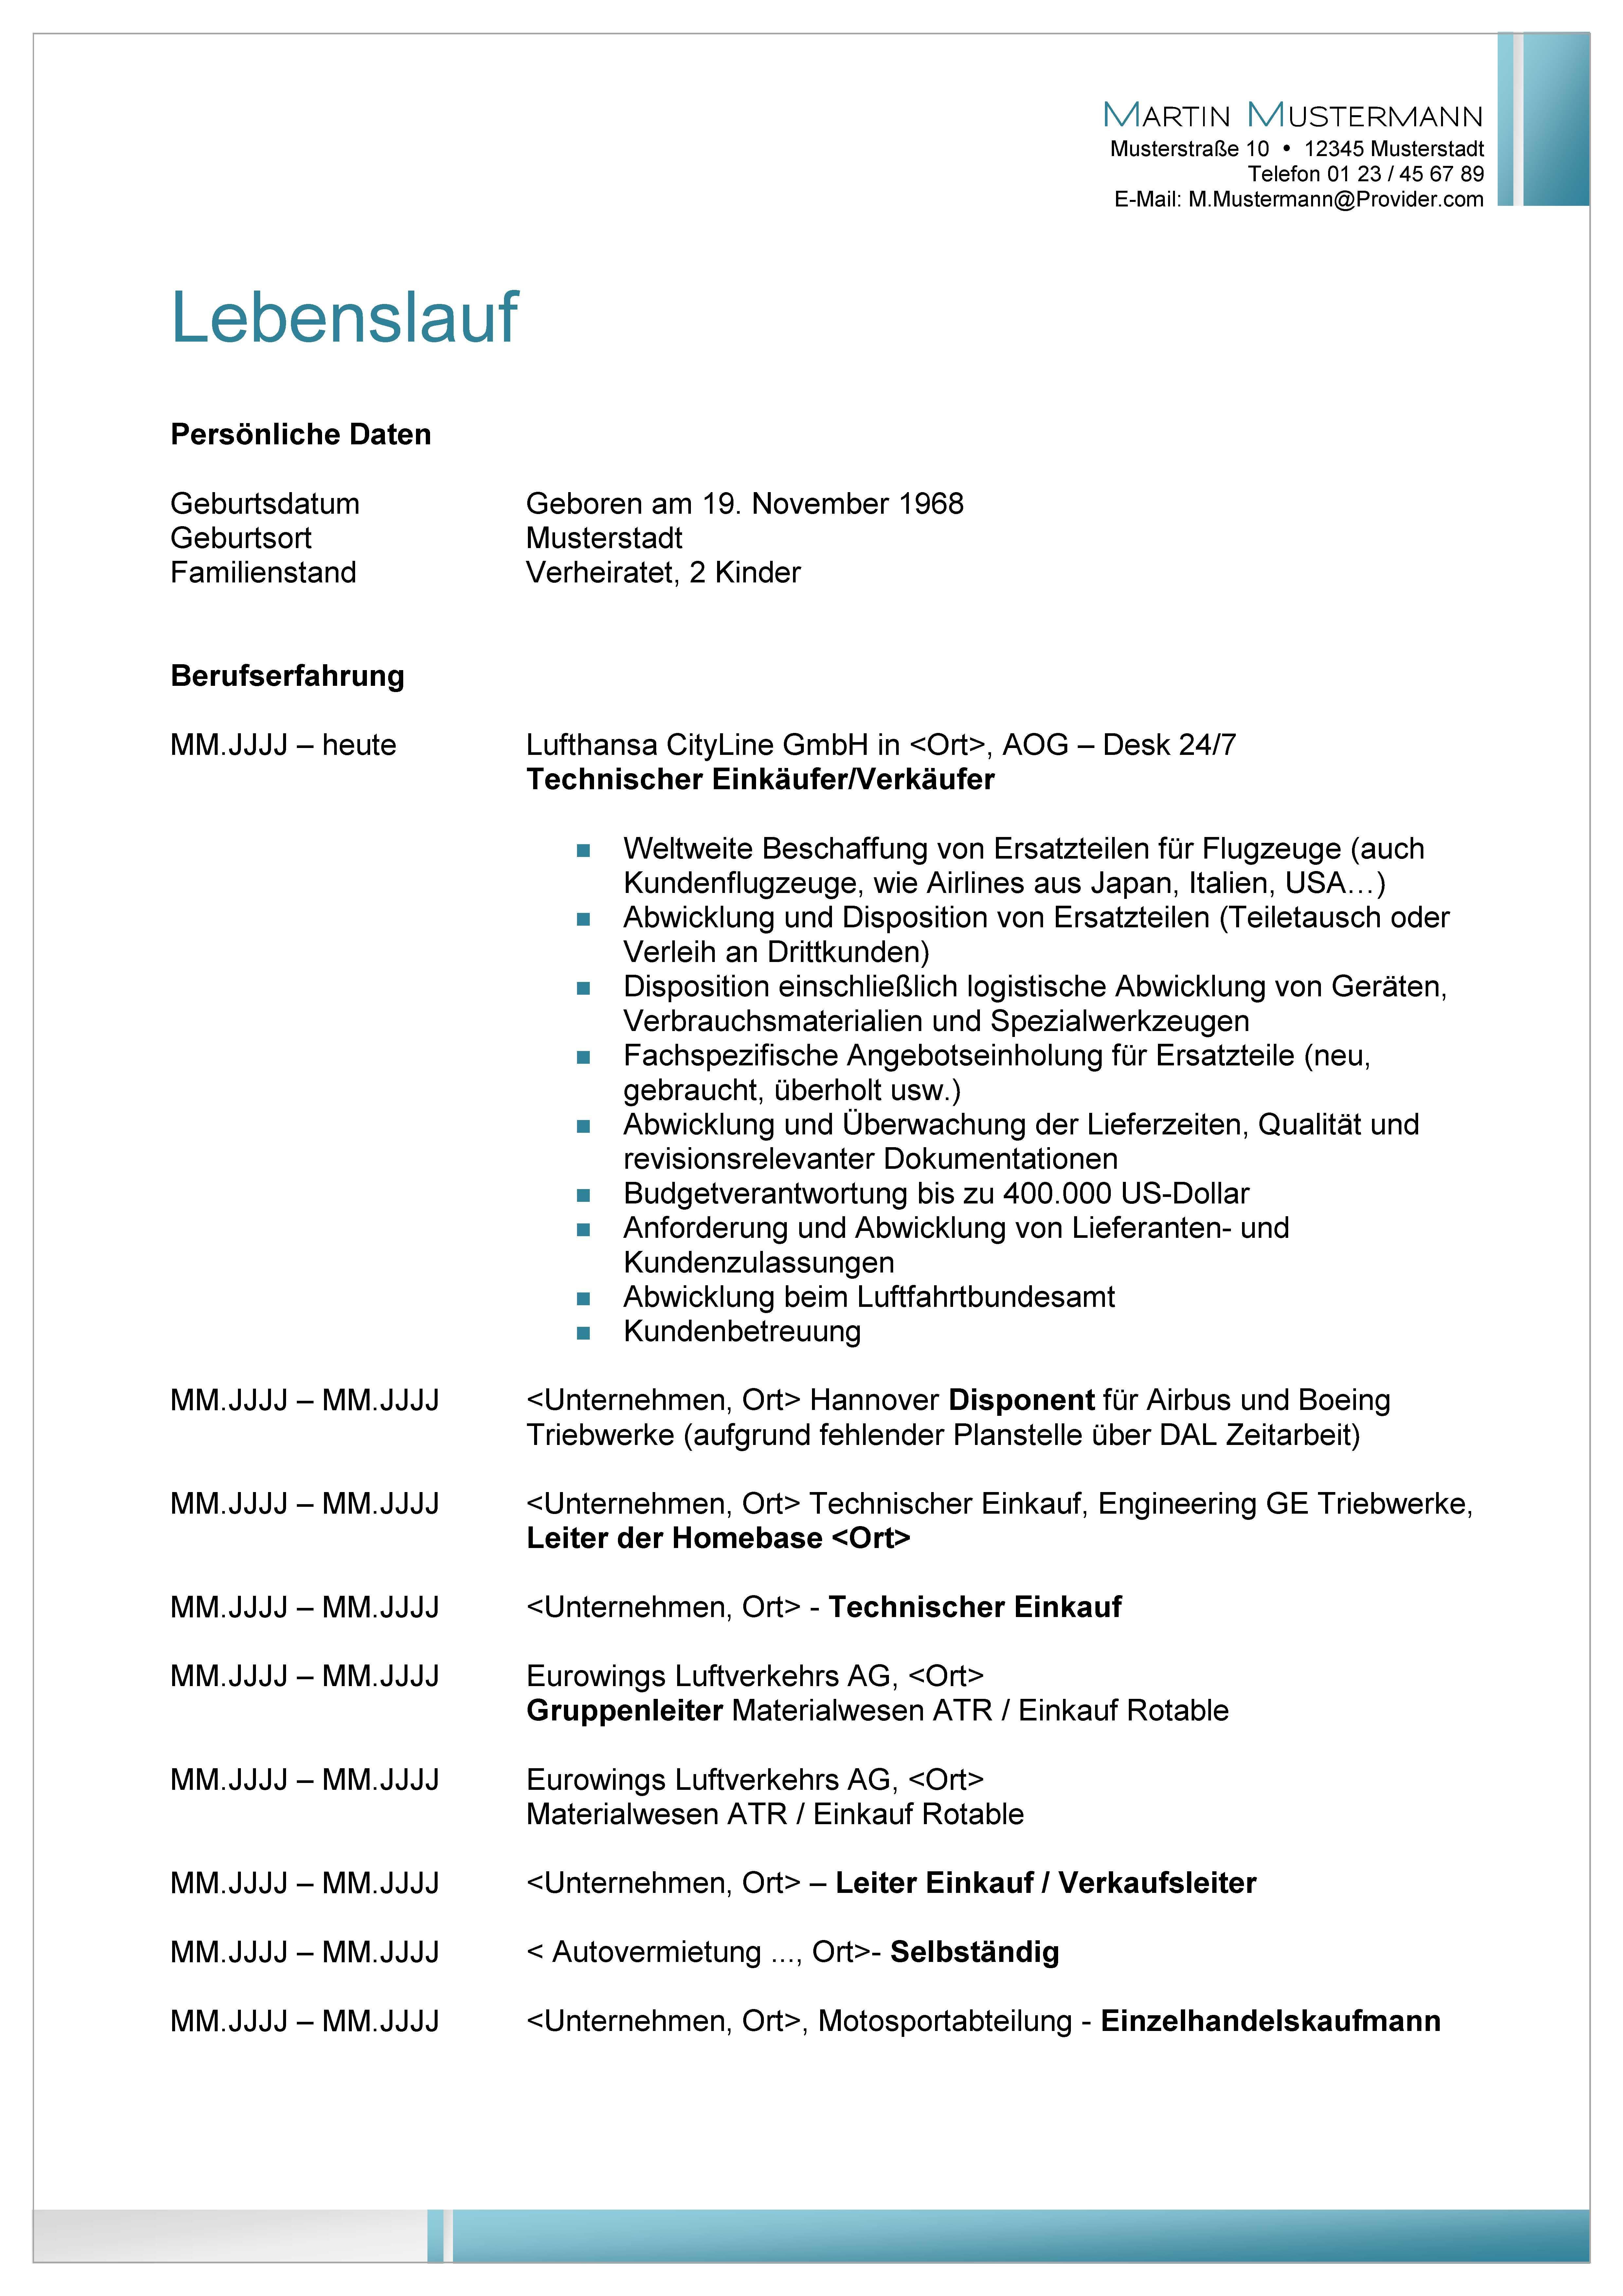 Beste Arzt Lebenslauf Format Bilder - Entry Level Resume Vorlagen ...